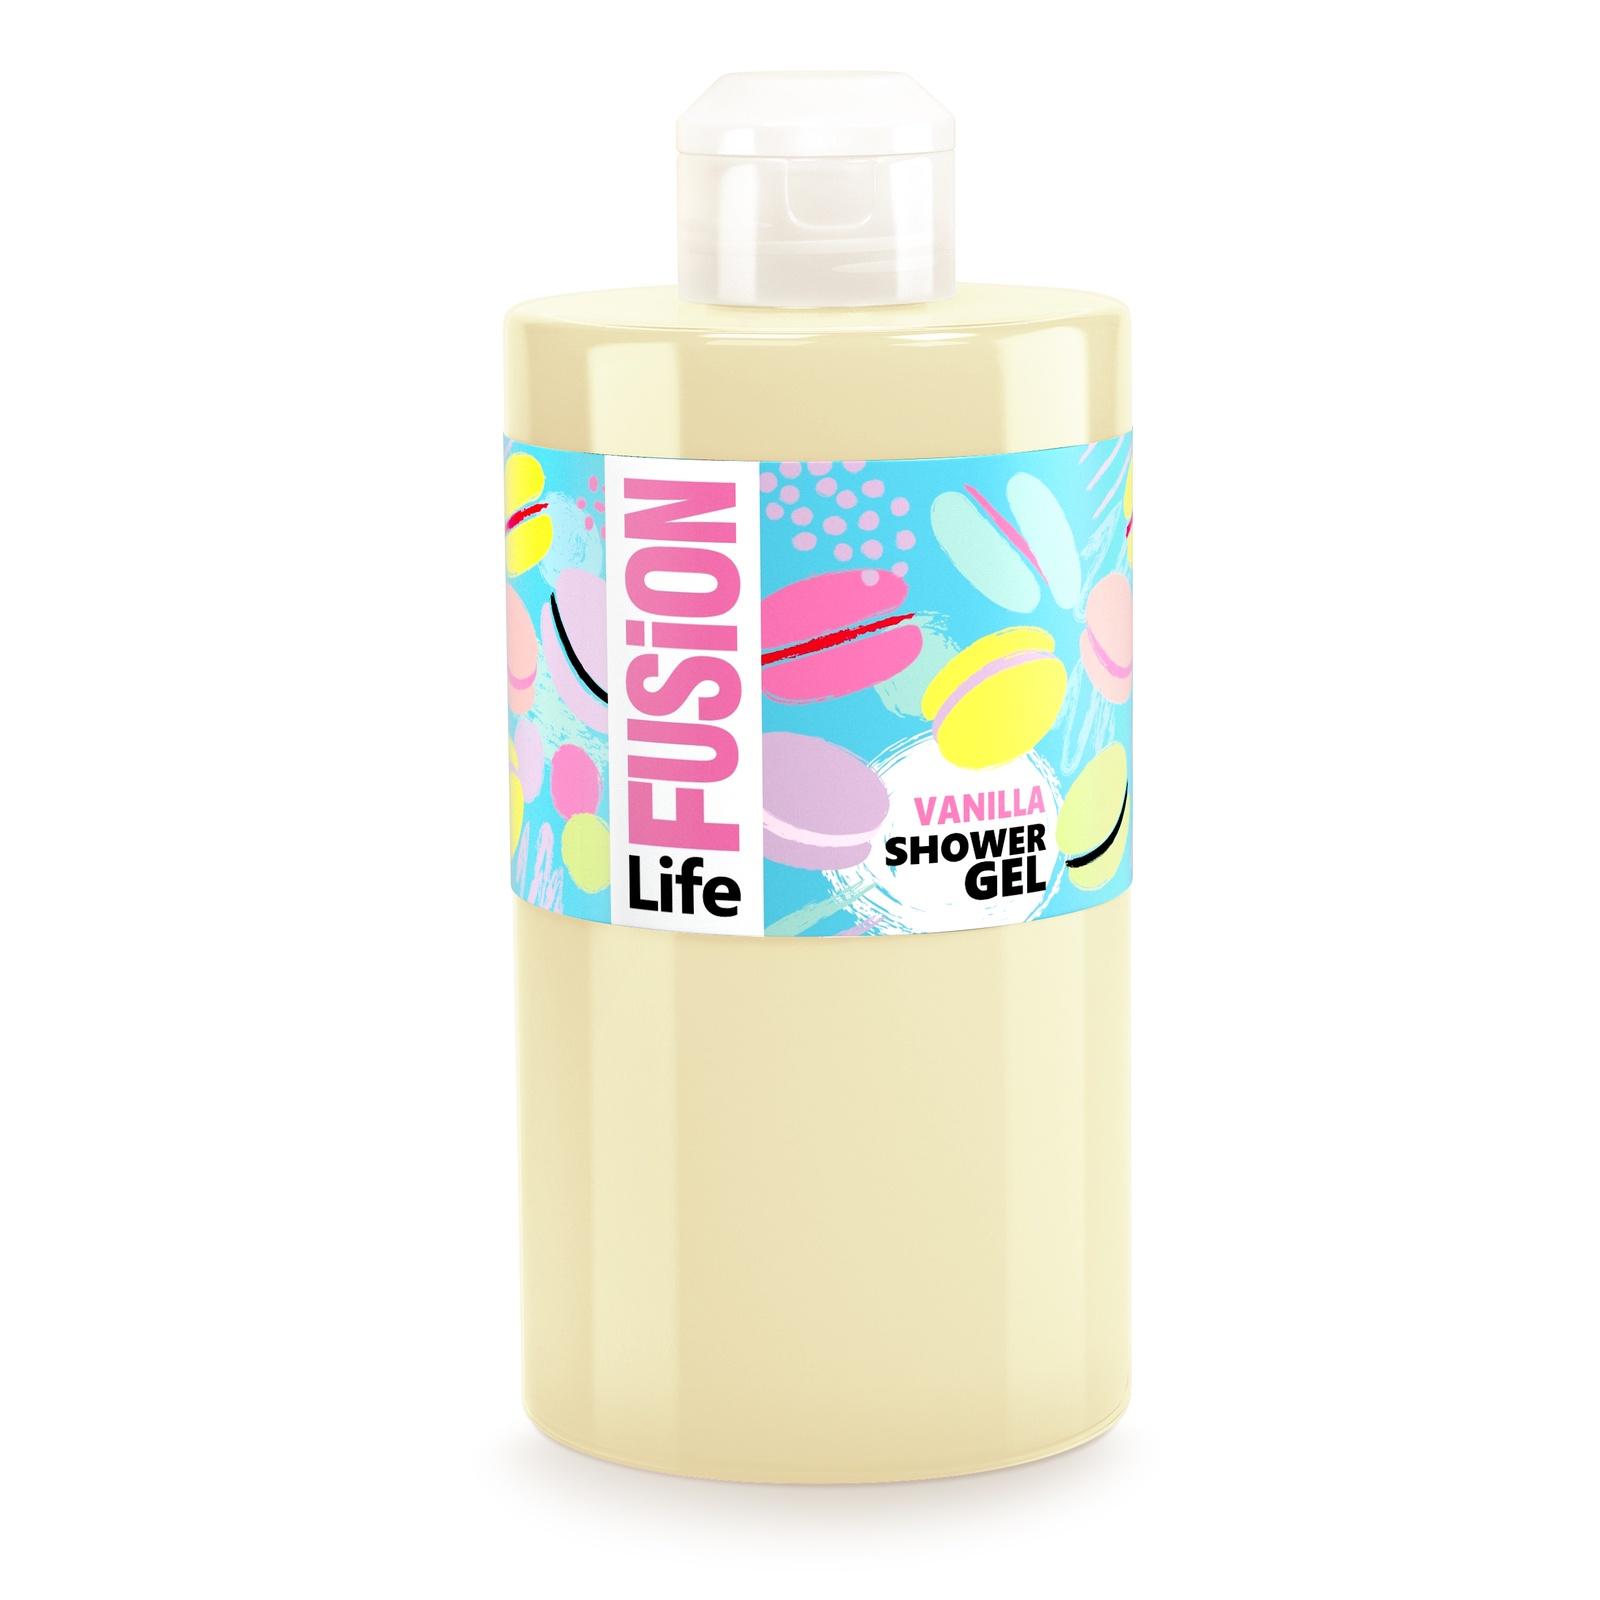 Гель для душа Fusion life Сливочная ваниль, 460 мл dr oetker ароматизатор сливочная ваниль 4 шт по 2 мл